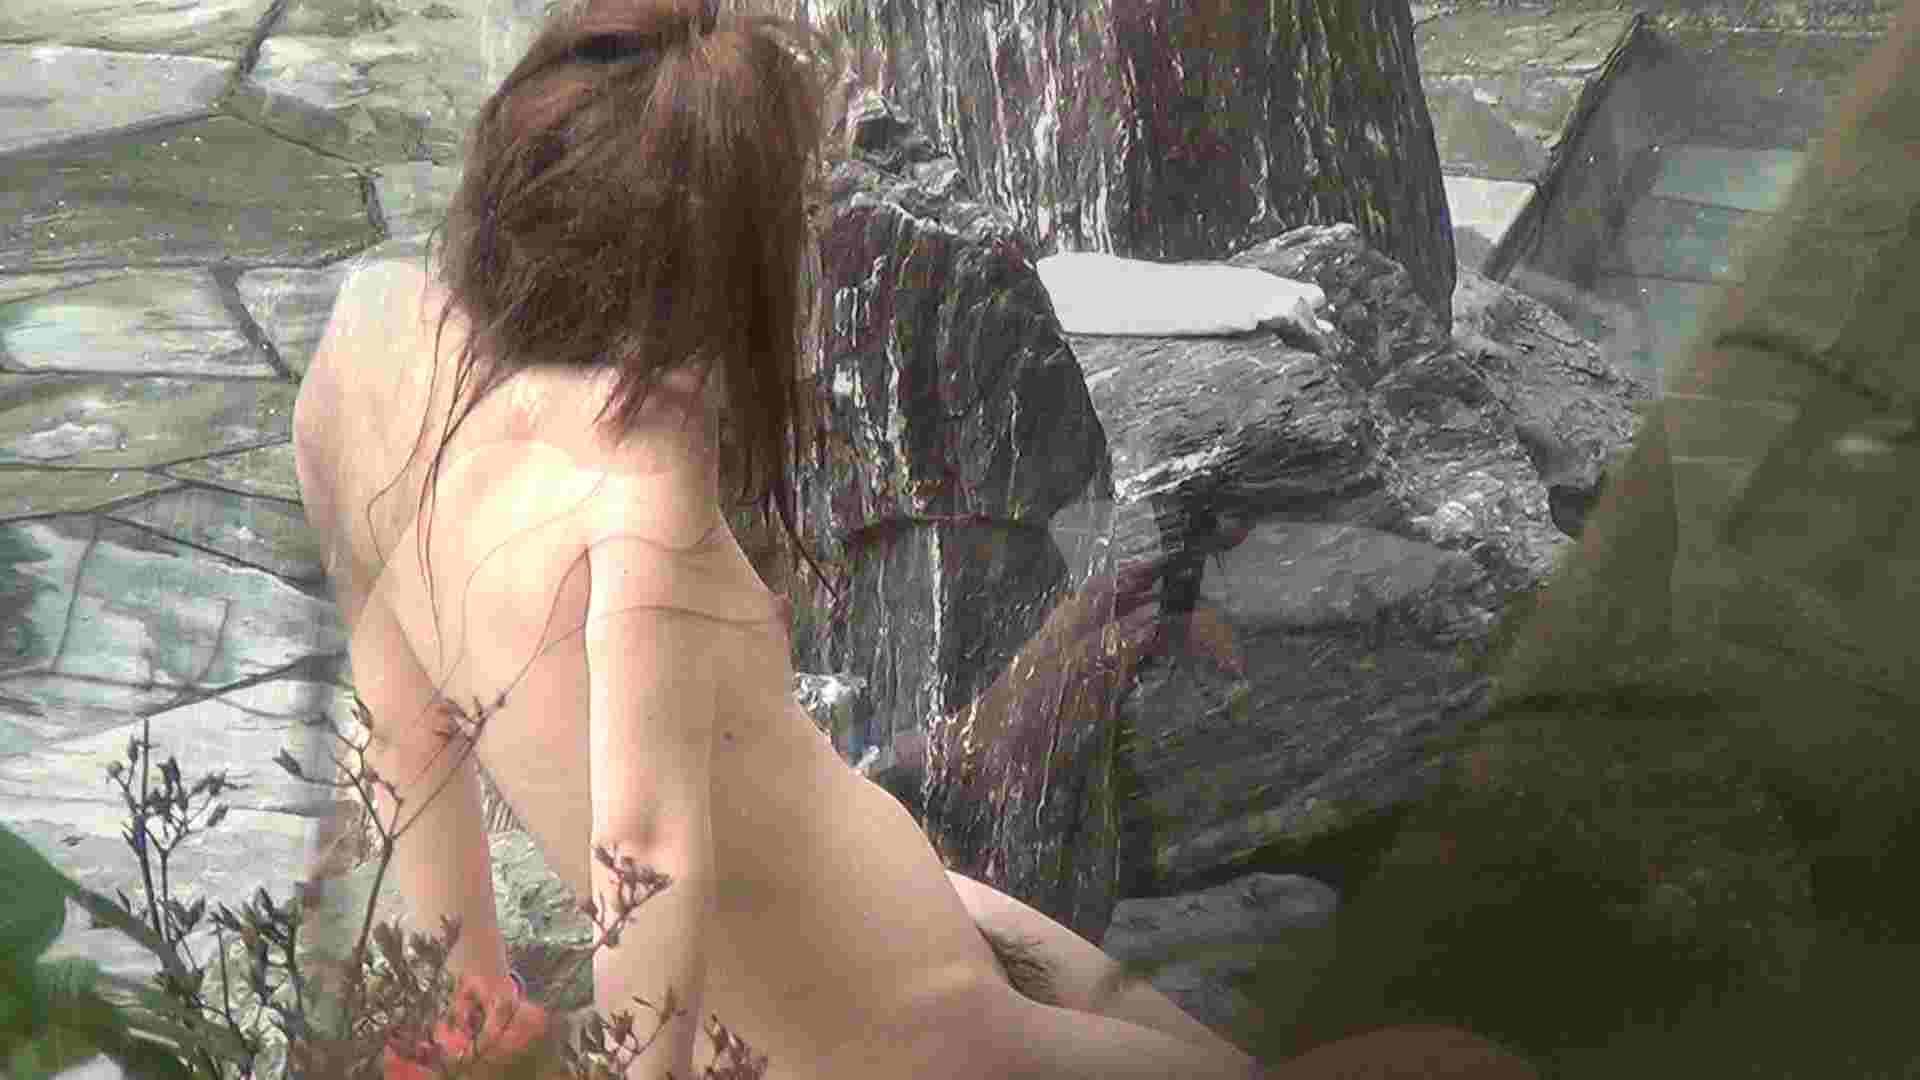 ハイビジョンVol.14 年齢とともに大きくなる心と乳首 美女 のぞき動画画像 110枚 66